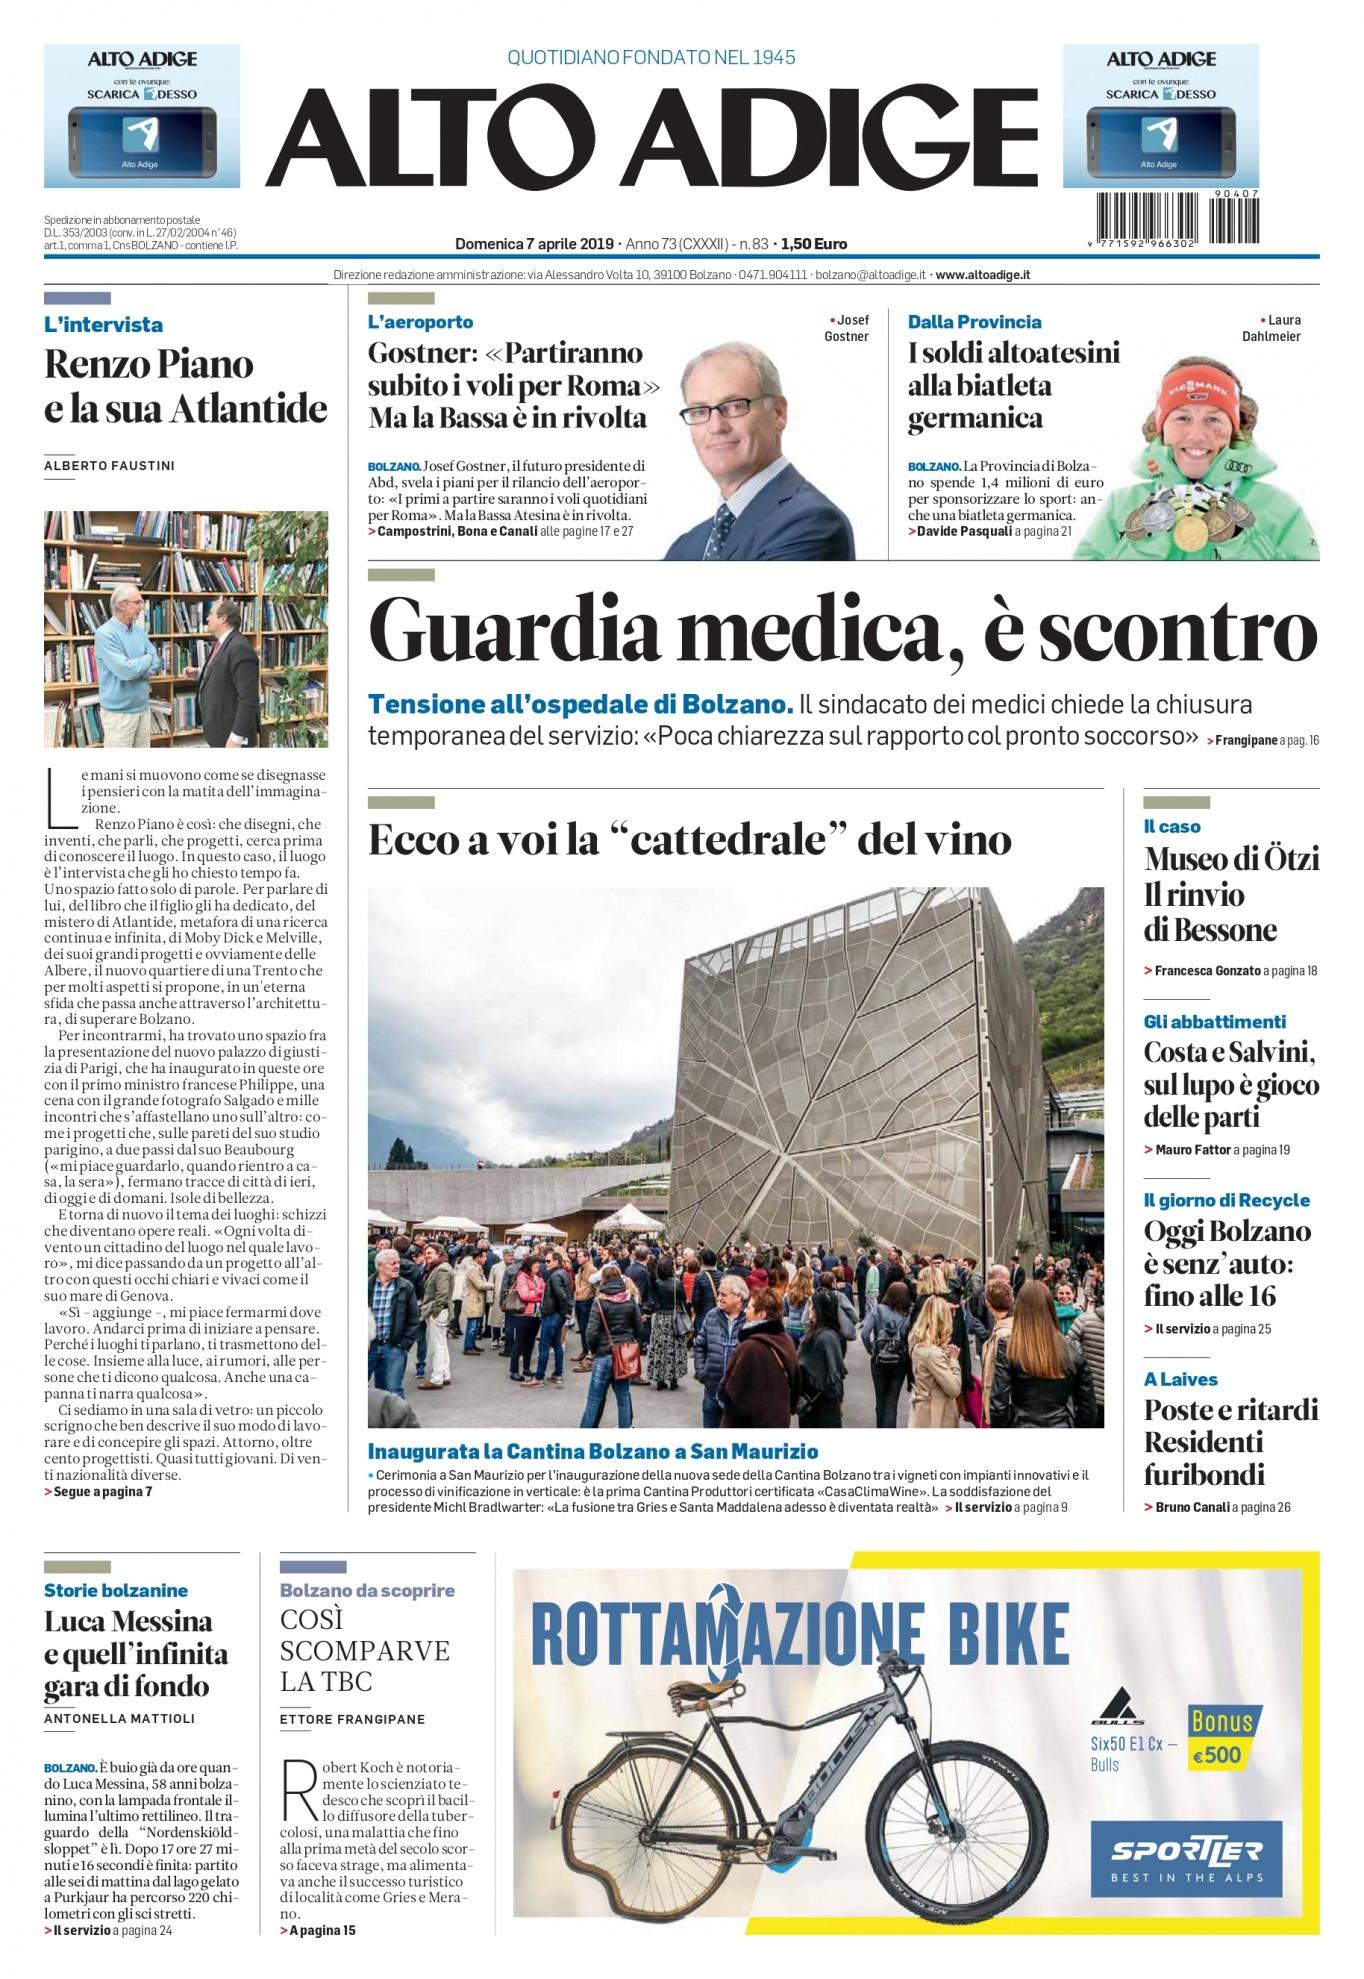 Alto Adige-07.04.2019-01_page-0001